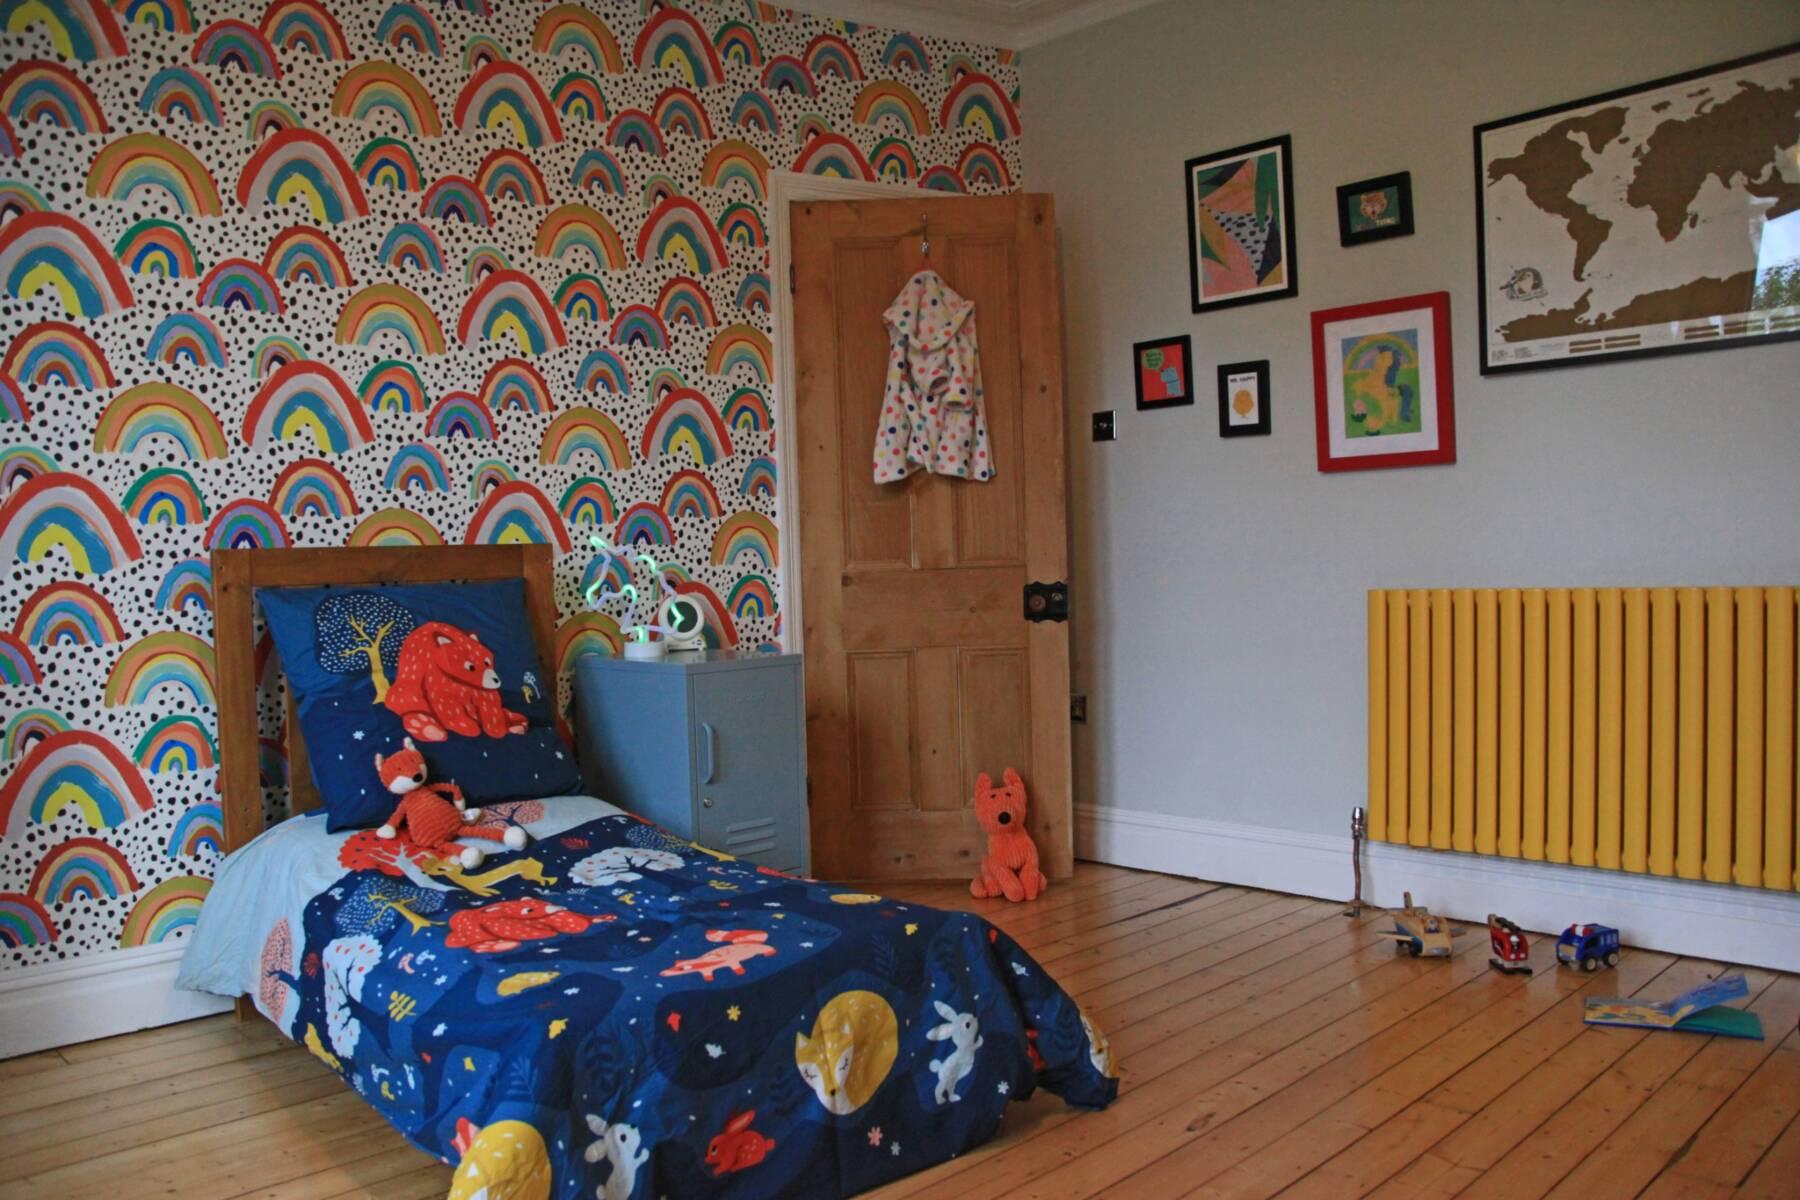 yellow radiator in a children's bedroom